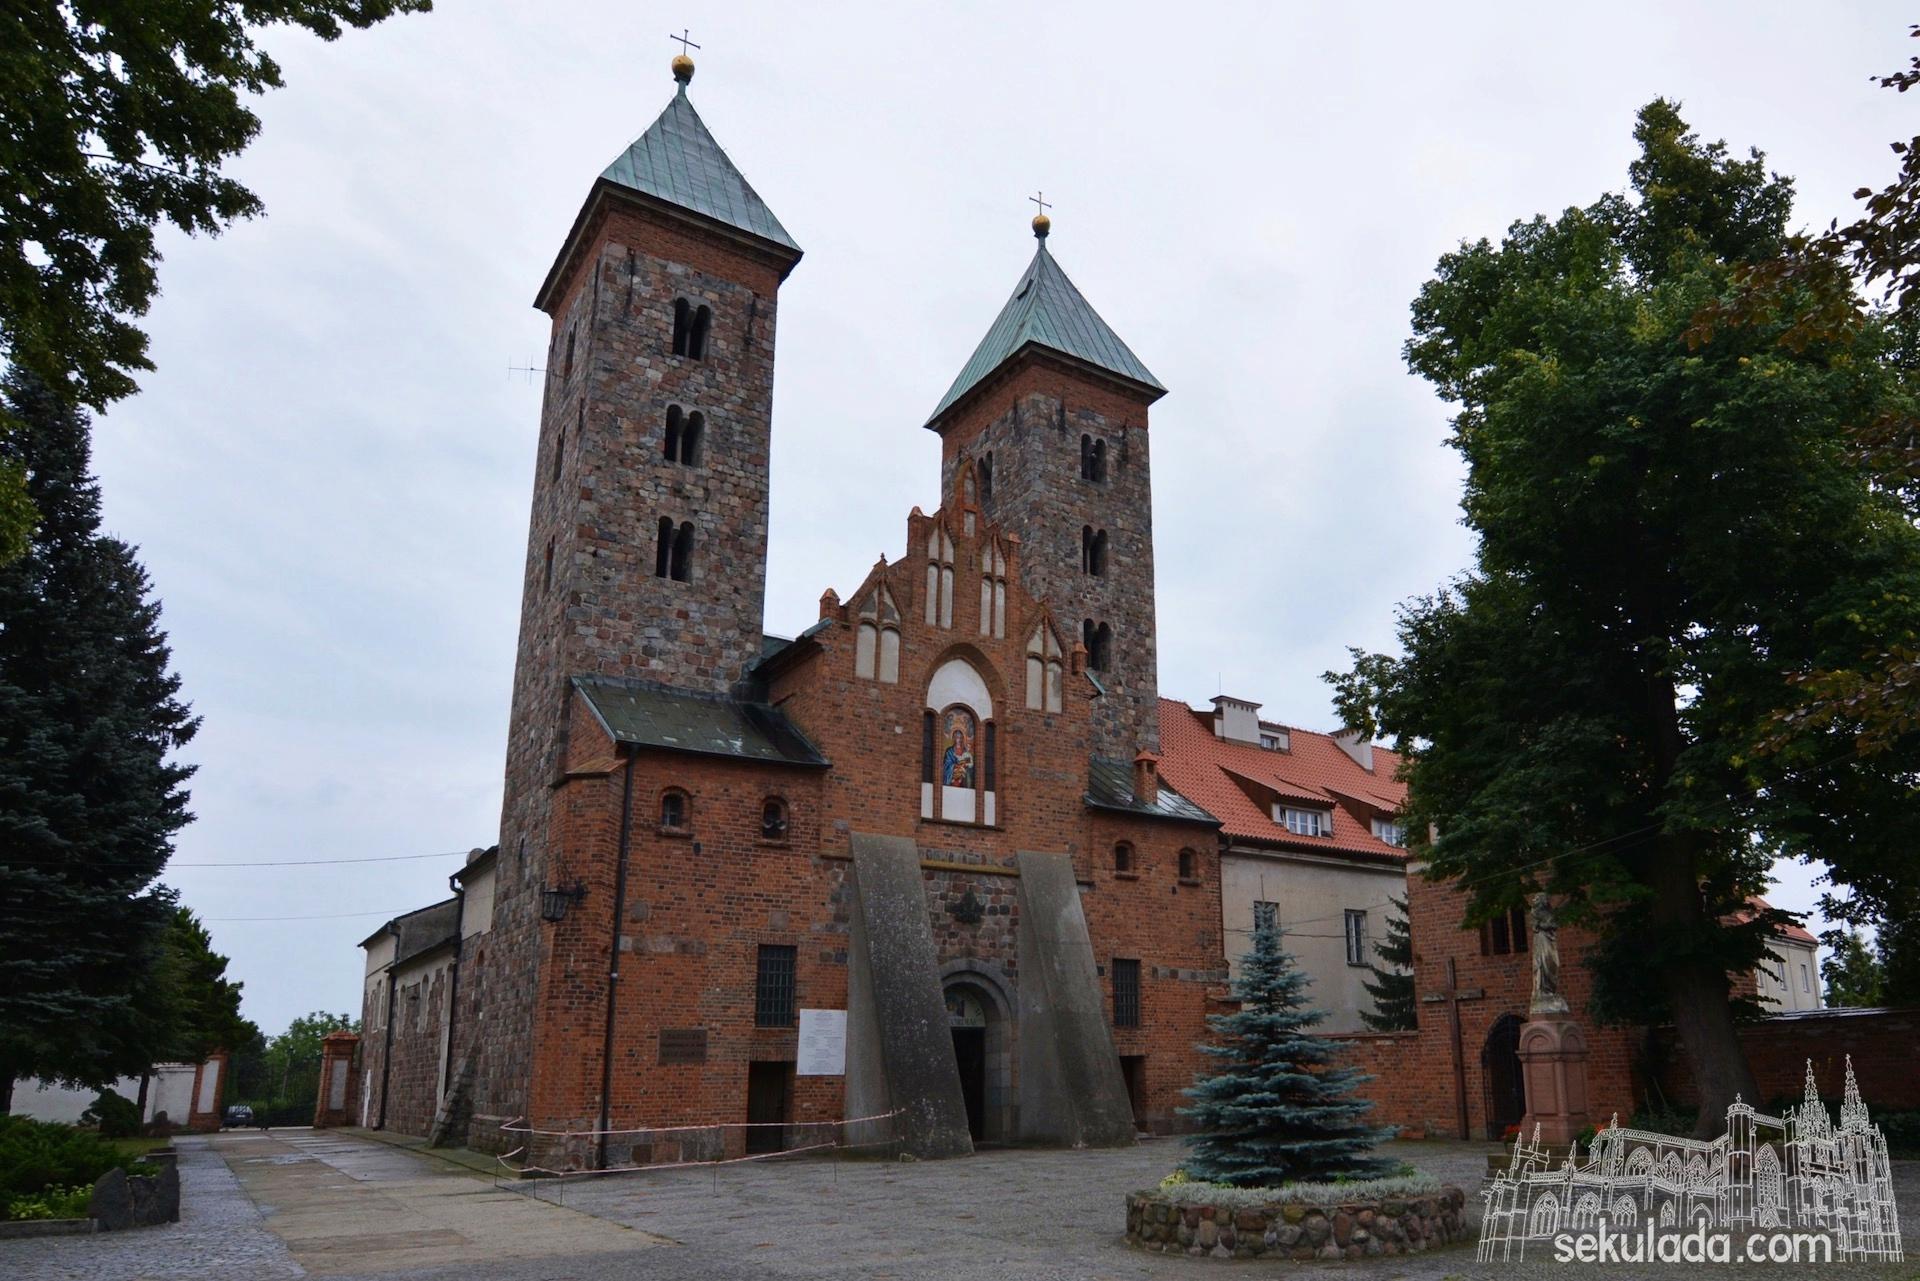 Romański kościół w Czerwińsku nad Wisłą.